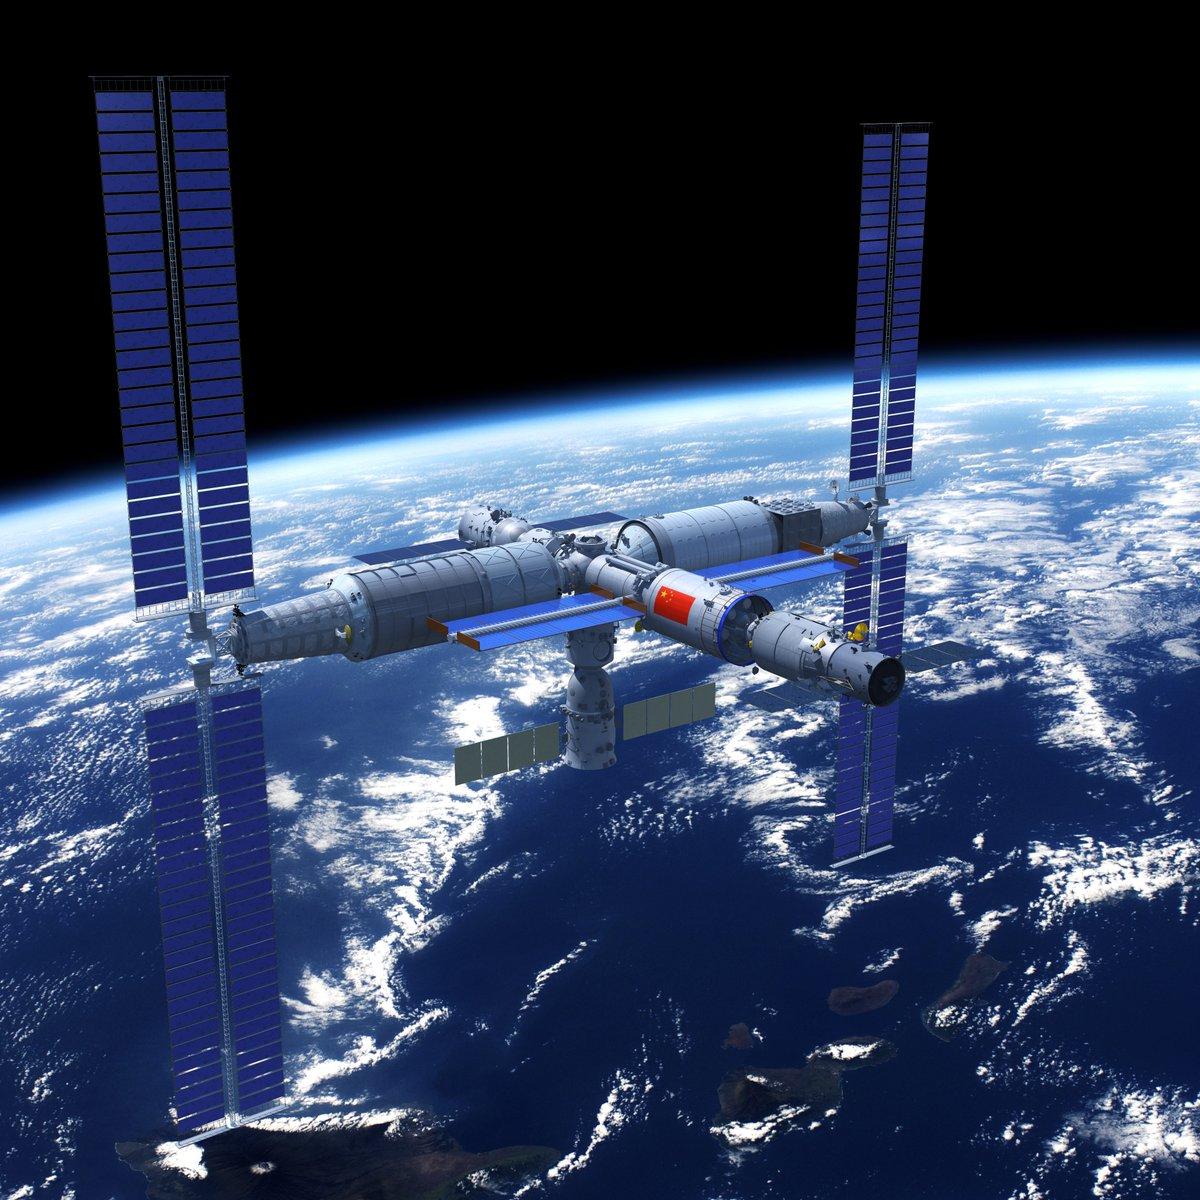 la nouvelle station chinoise qui sera exploitée une dizaine d'années sur une orbite à 350/400 km d'altitude et inclinée à 41,5°. Tianhe se trouve entre les deux gros modules laboratoires qui portent les panneaux solaires. ©DR